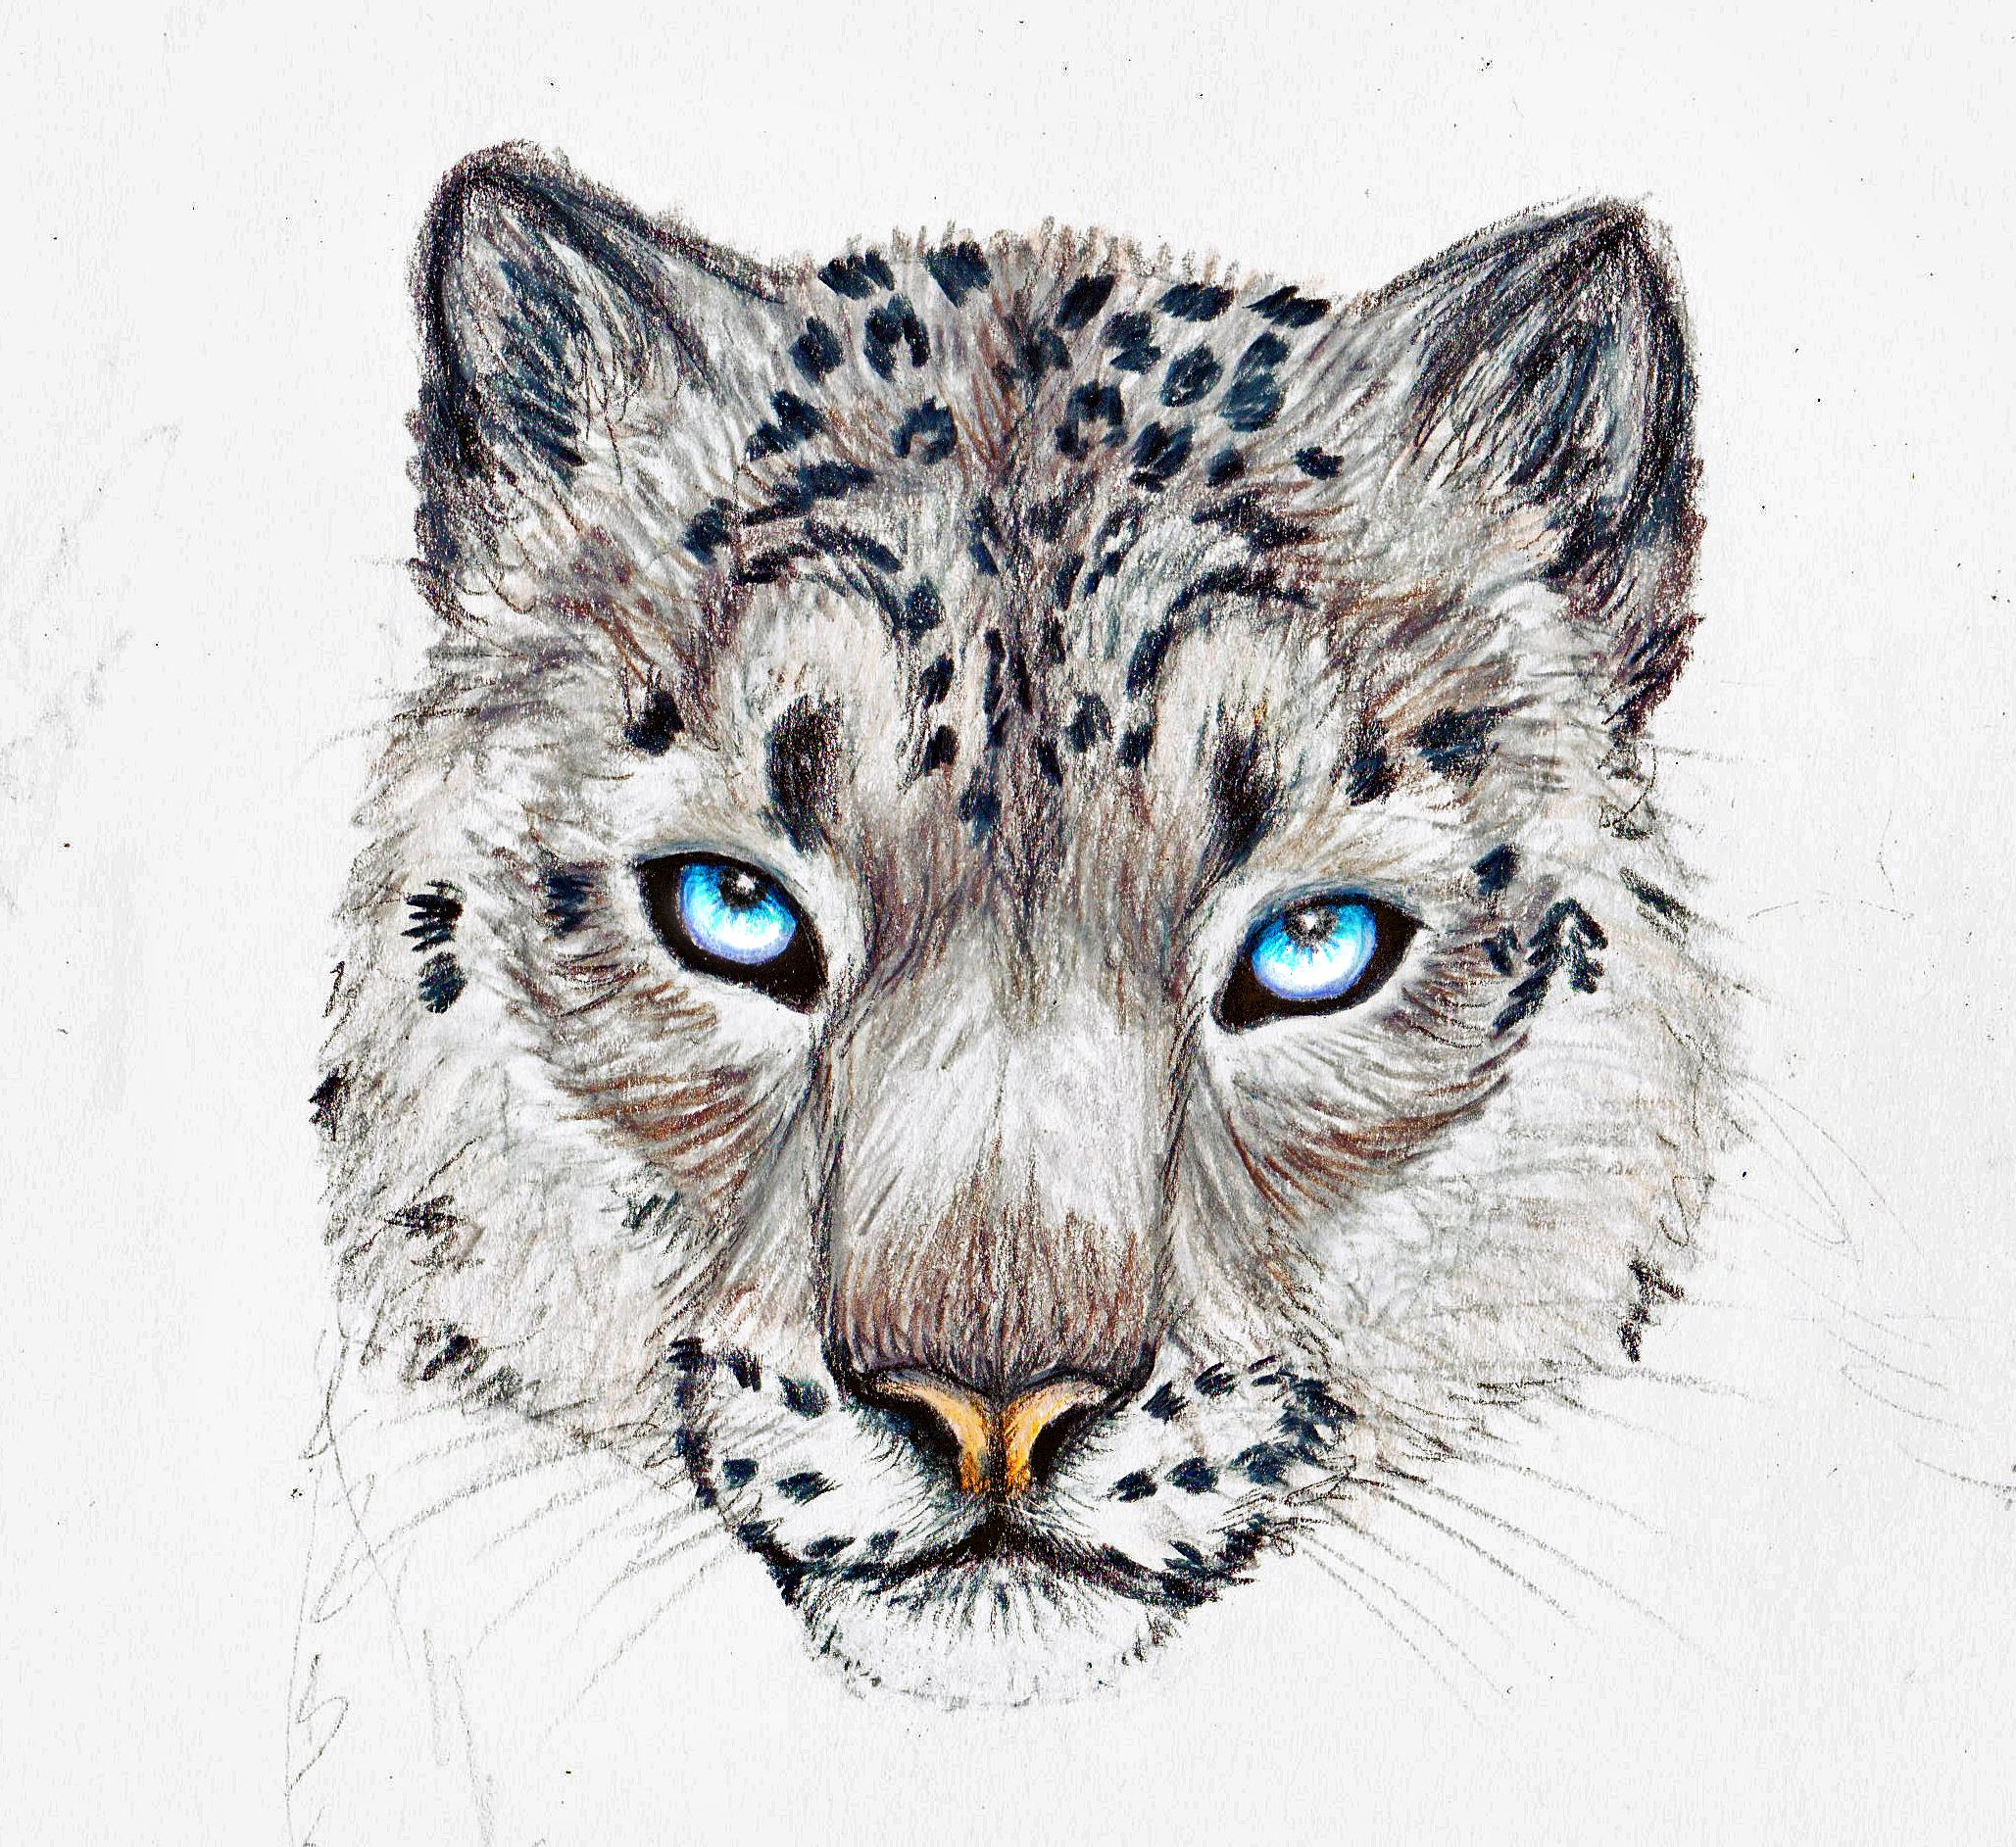 Snow Leopard by SingapuraCat Snow Leopard by SingapuraCat - Leopard Face PNG